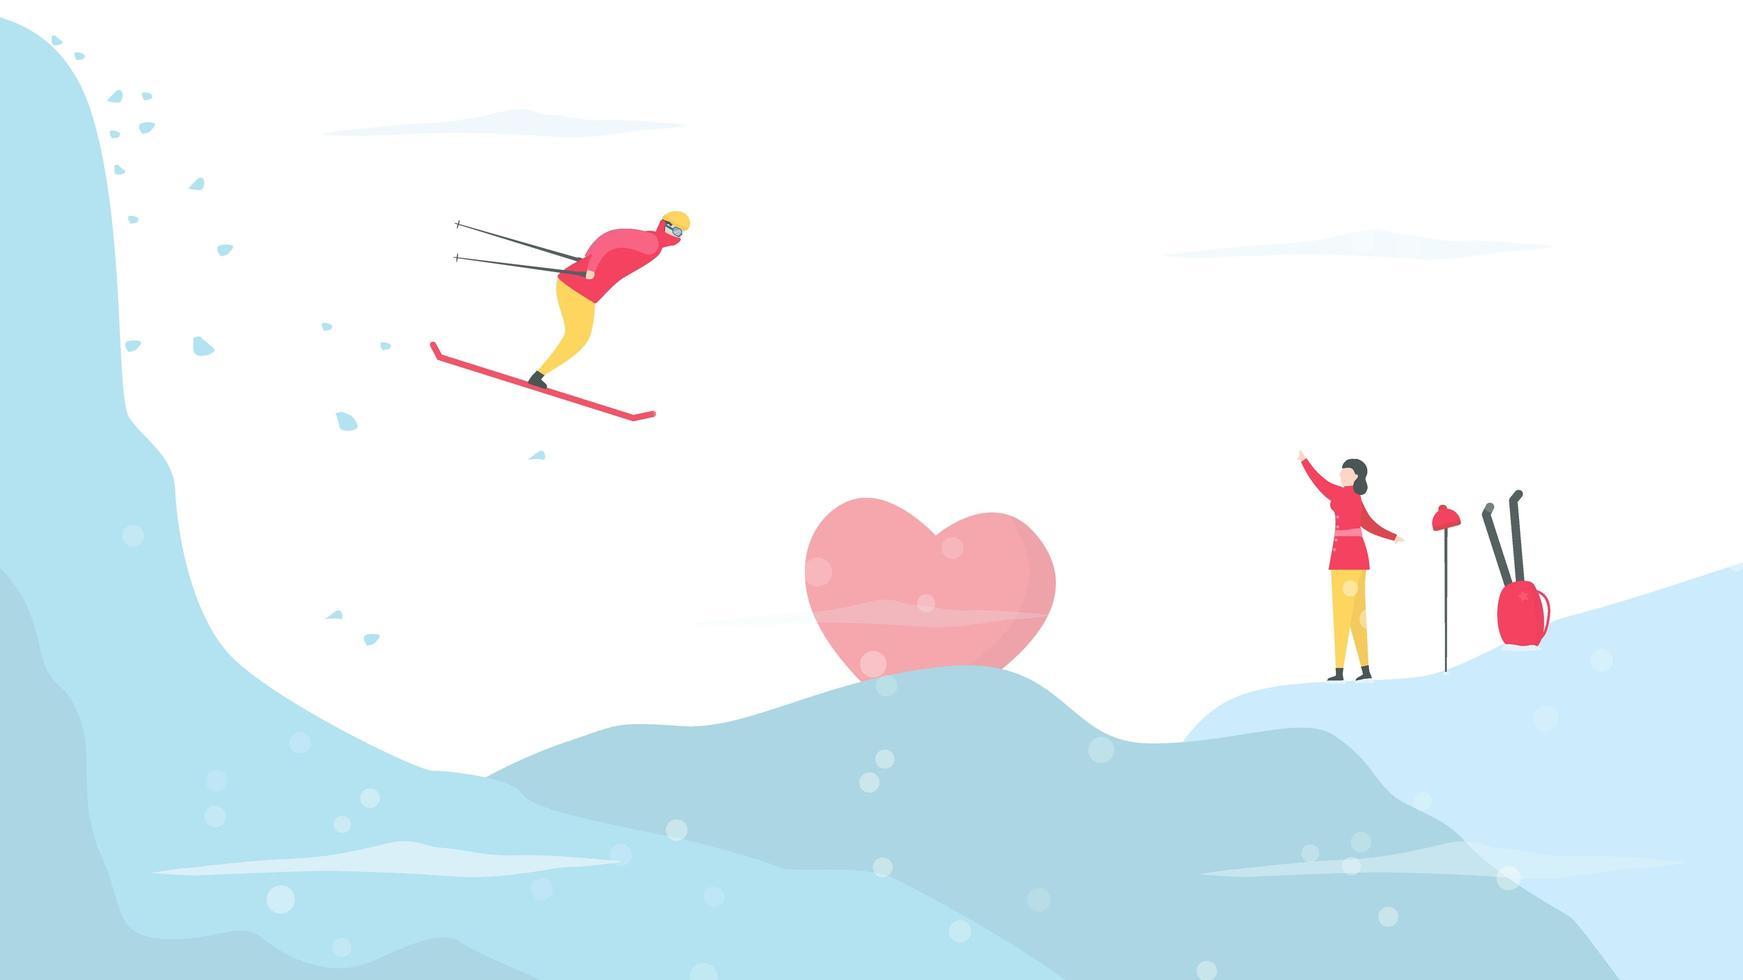 pareja esquiando y encontrando a alguien en la nieve vector